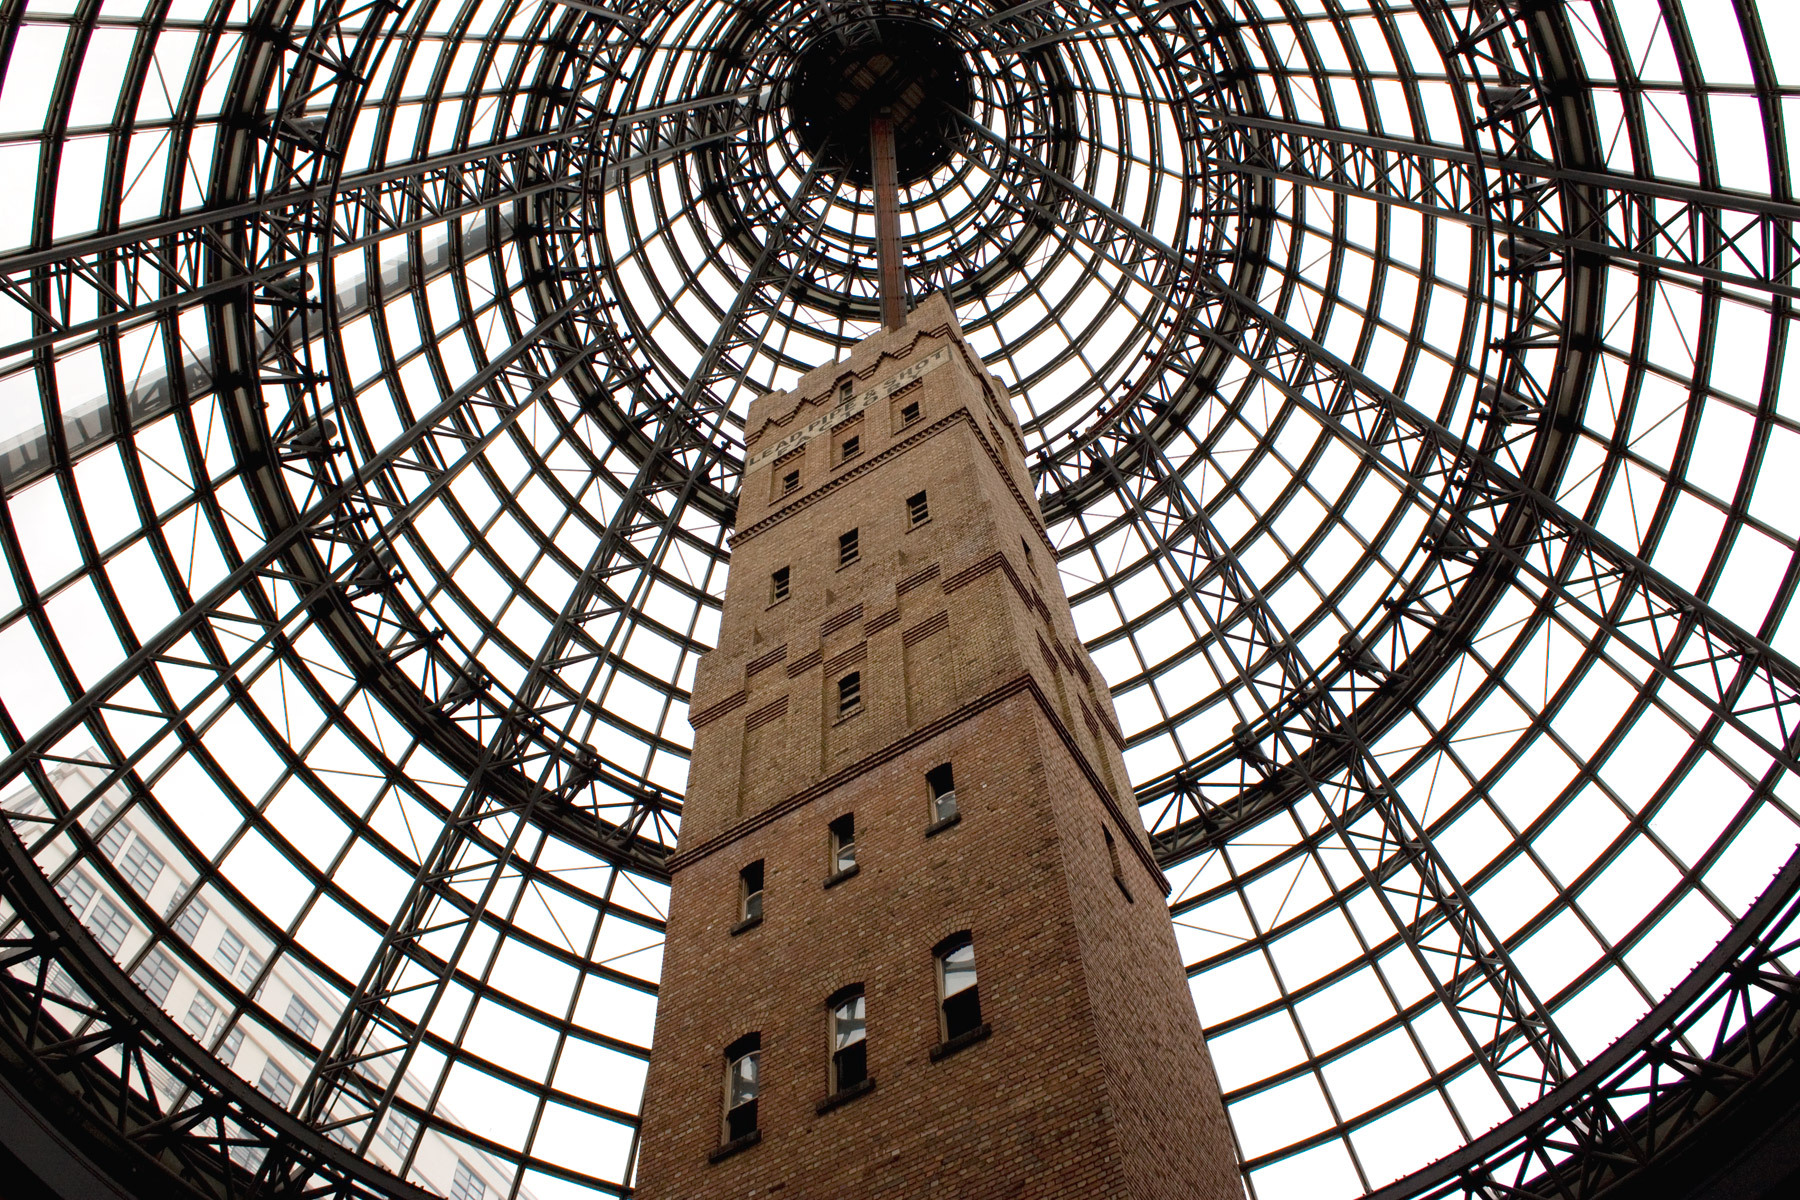 Melbourne Central Coop's Shot Tower